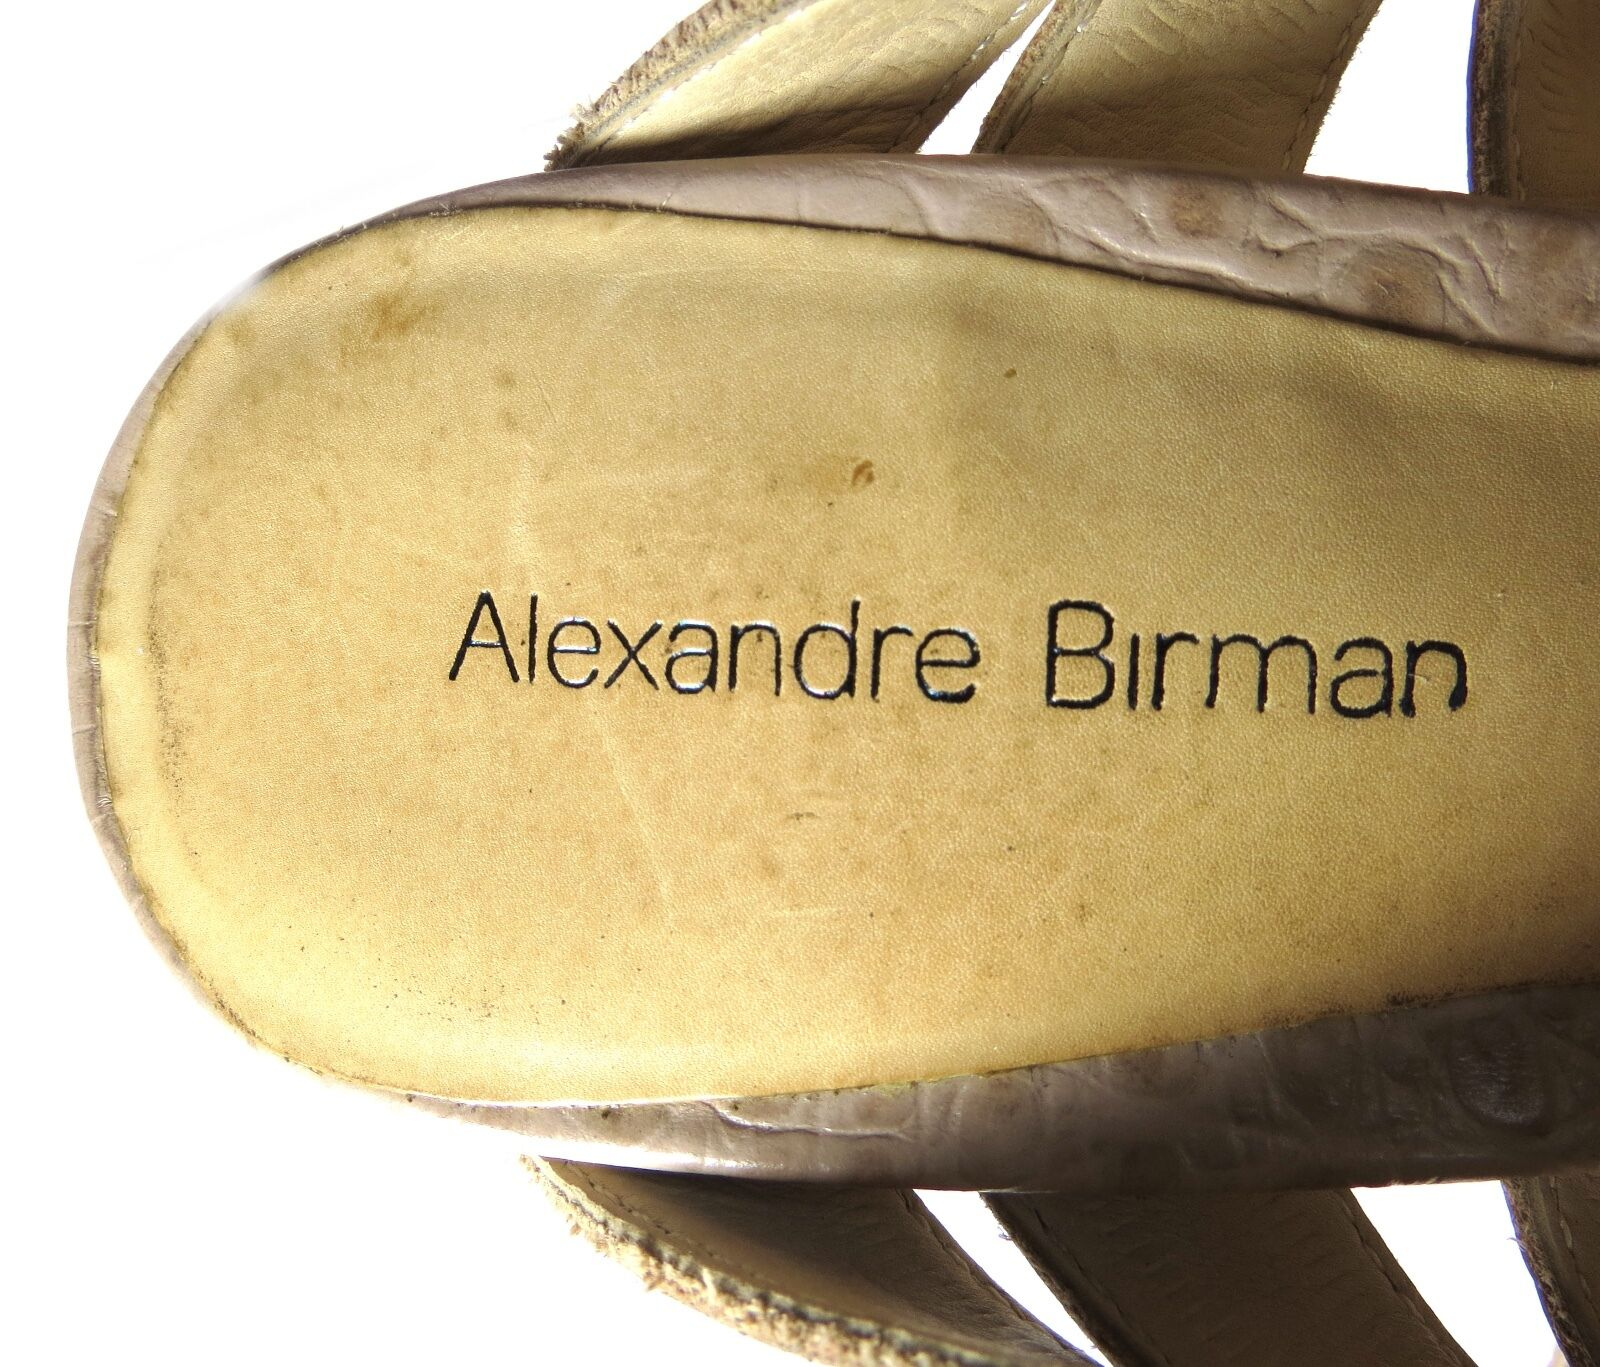 Alexandre Birman Taupe Sandale Crocodile Embossed Platform Wedge Sandale Taupe Heels Größe 7 58e6af